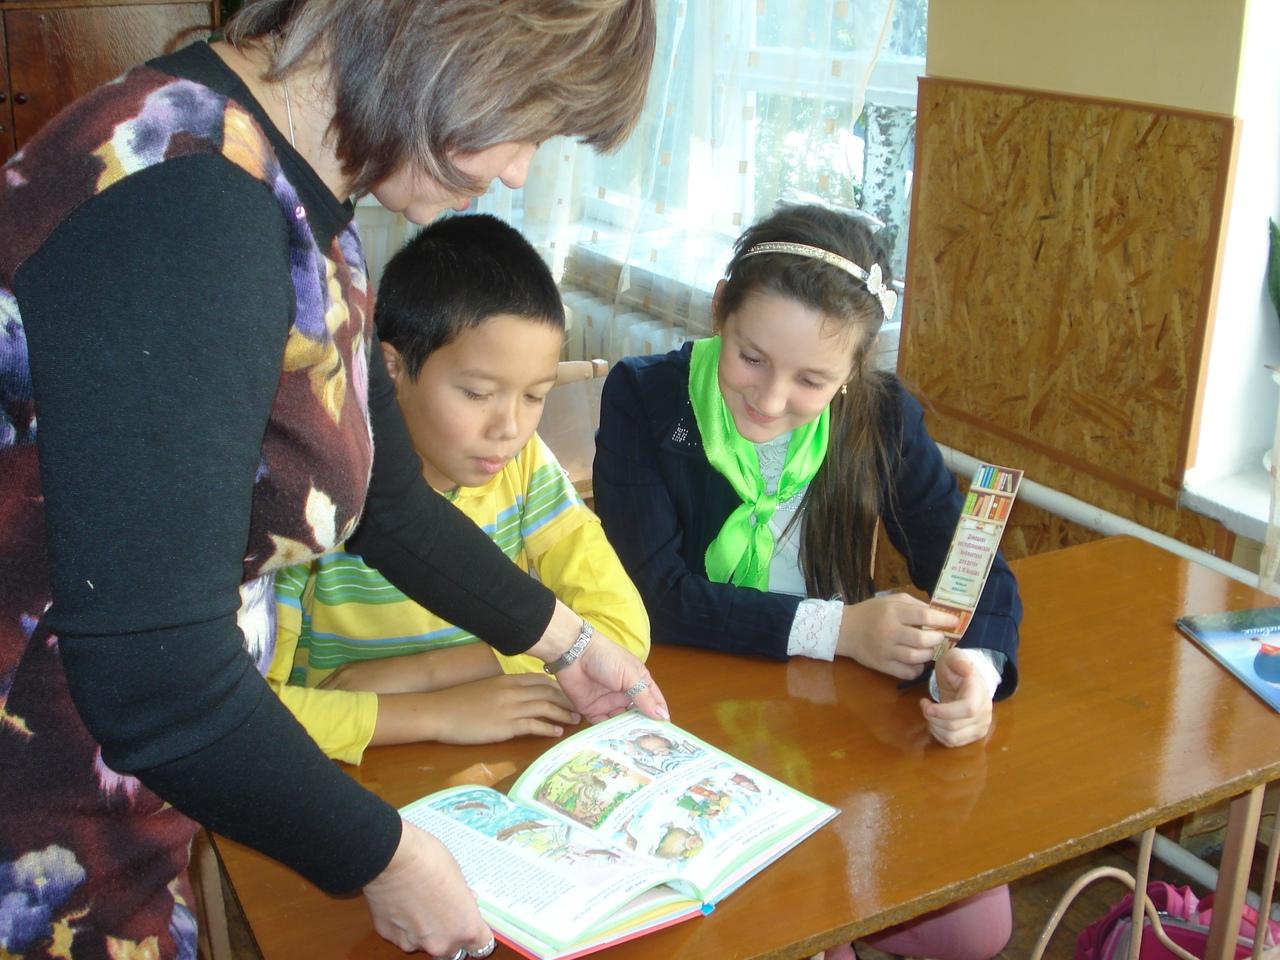 Донецкая республиканская библиотека для детей, отдел обслуживания учащихся 5-9 классов, международный день мира, донецкая школа 97